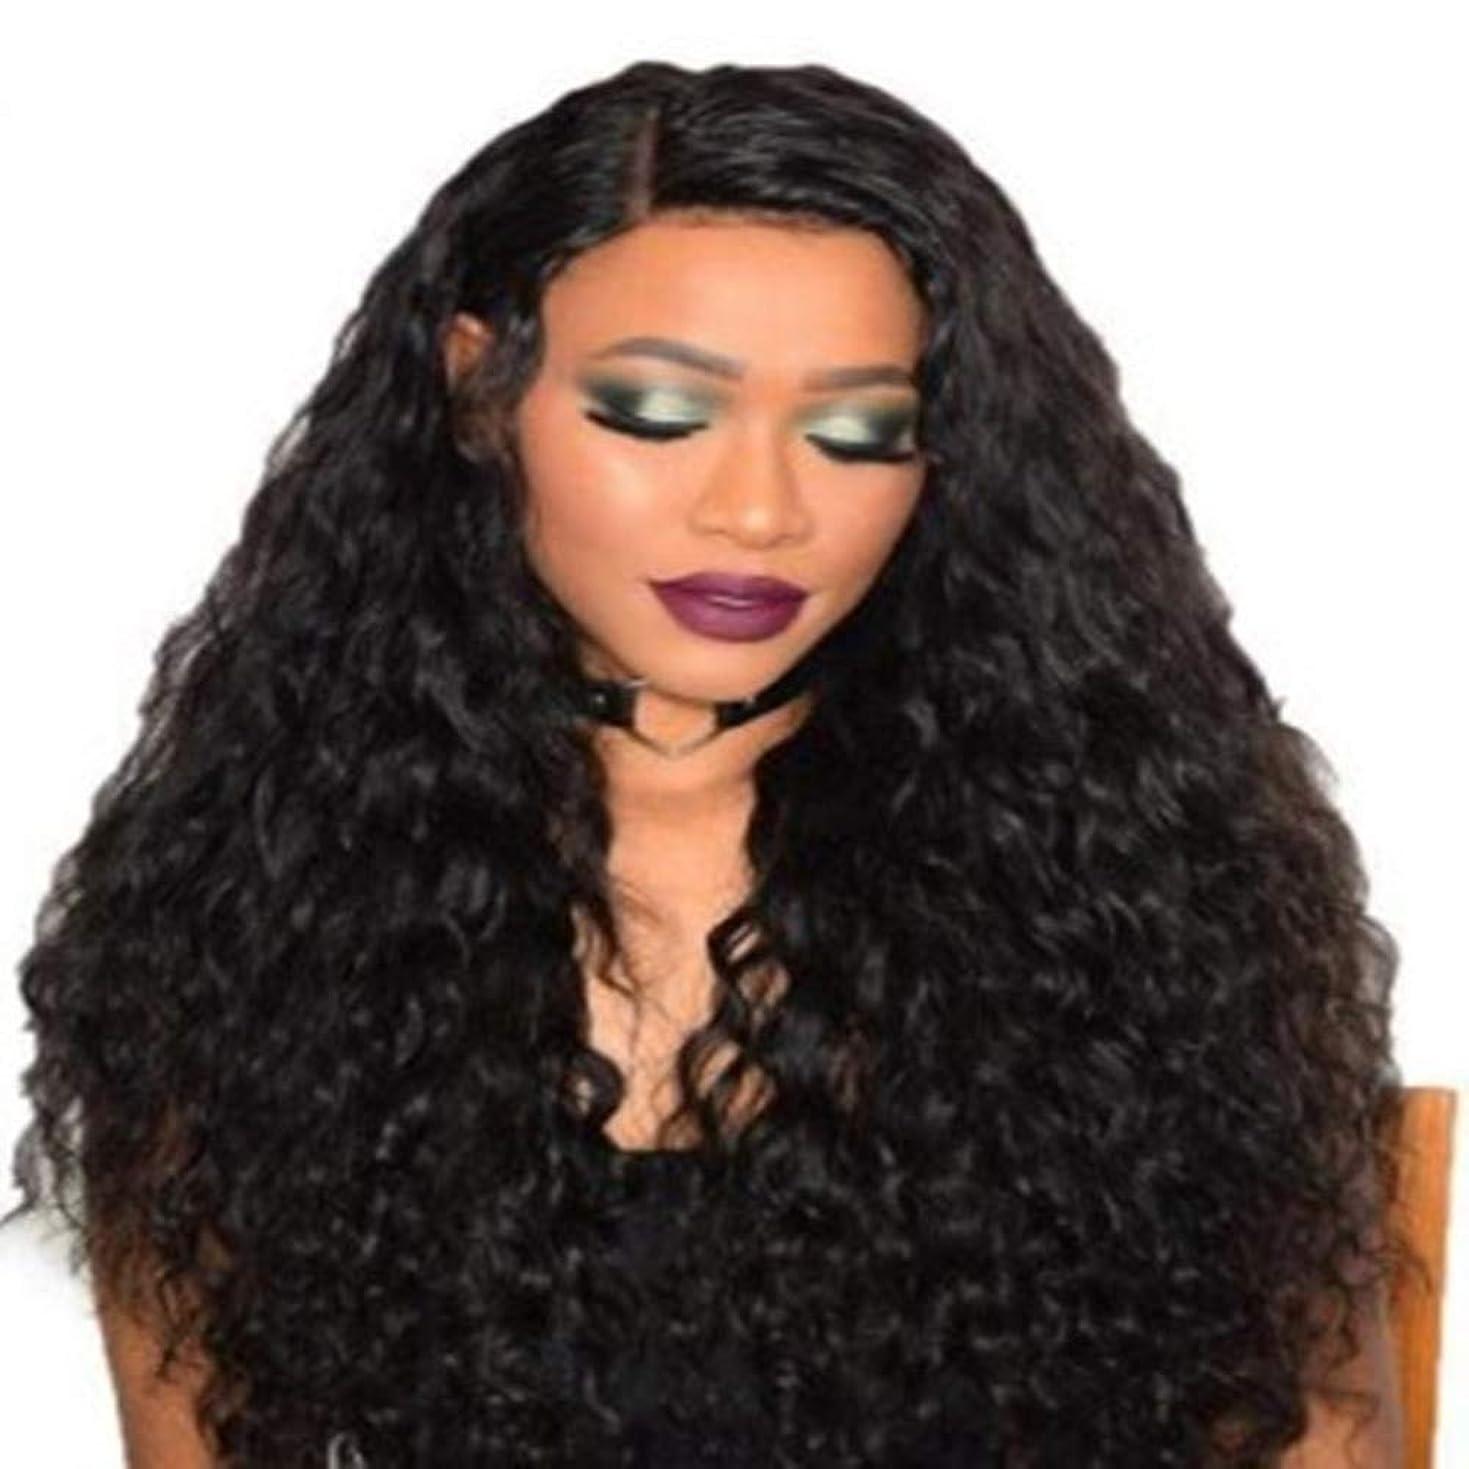 証明する船乗りリル女性の黒いトウモロコシ長い巻き毛のかつら75 cm